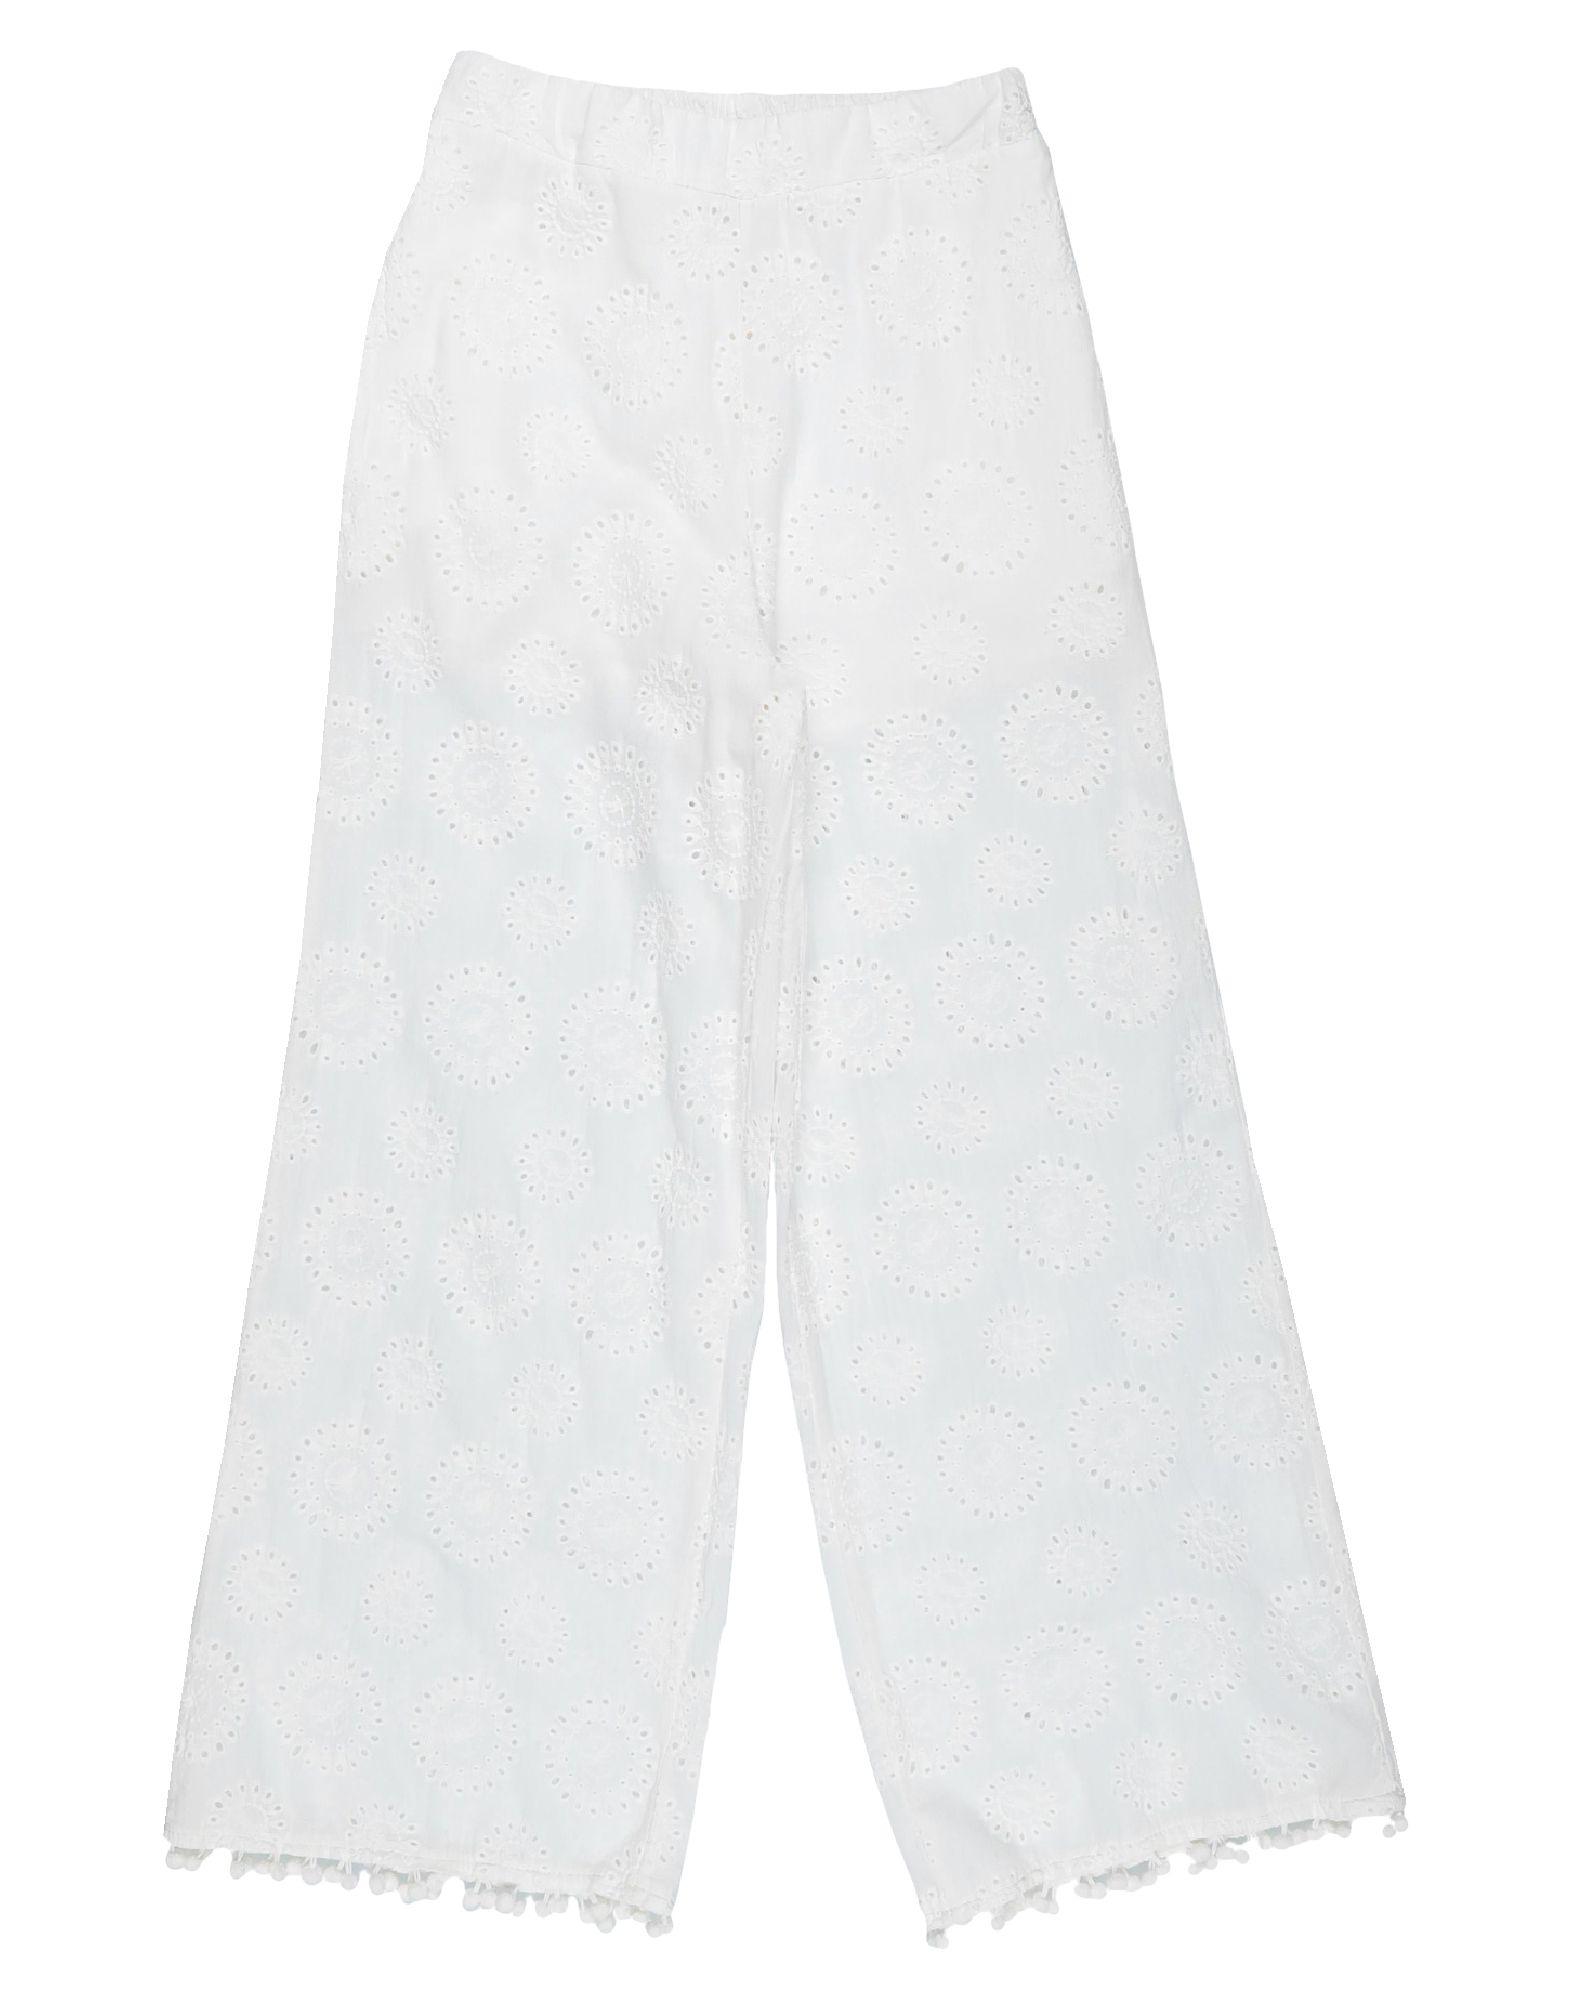 PAOLA PRATA Повседневные брюки paola prata брюки капри